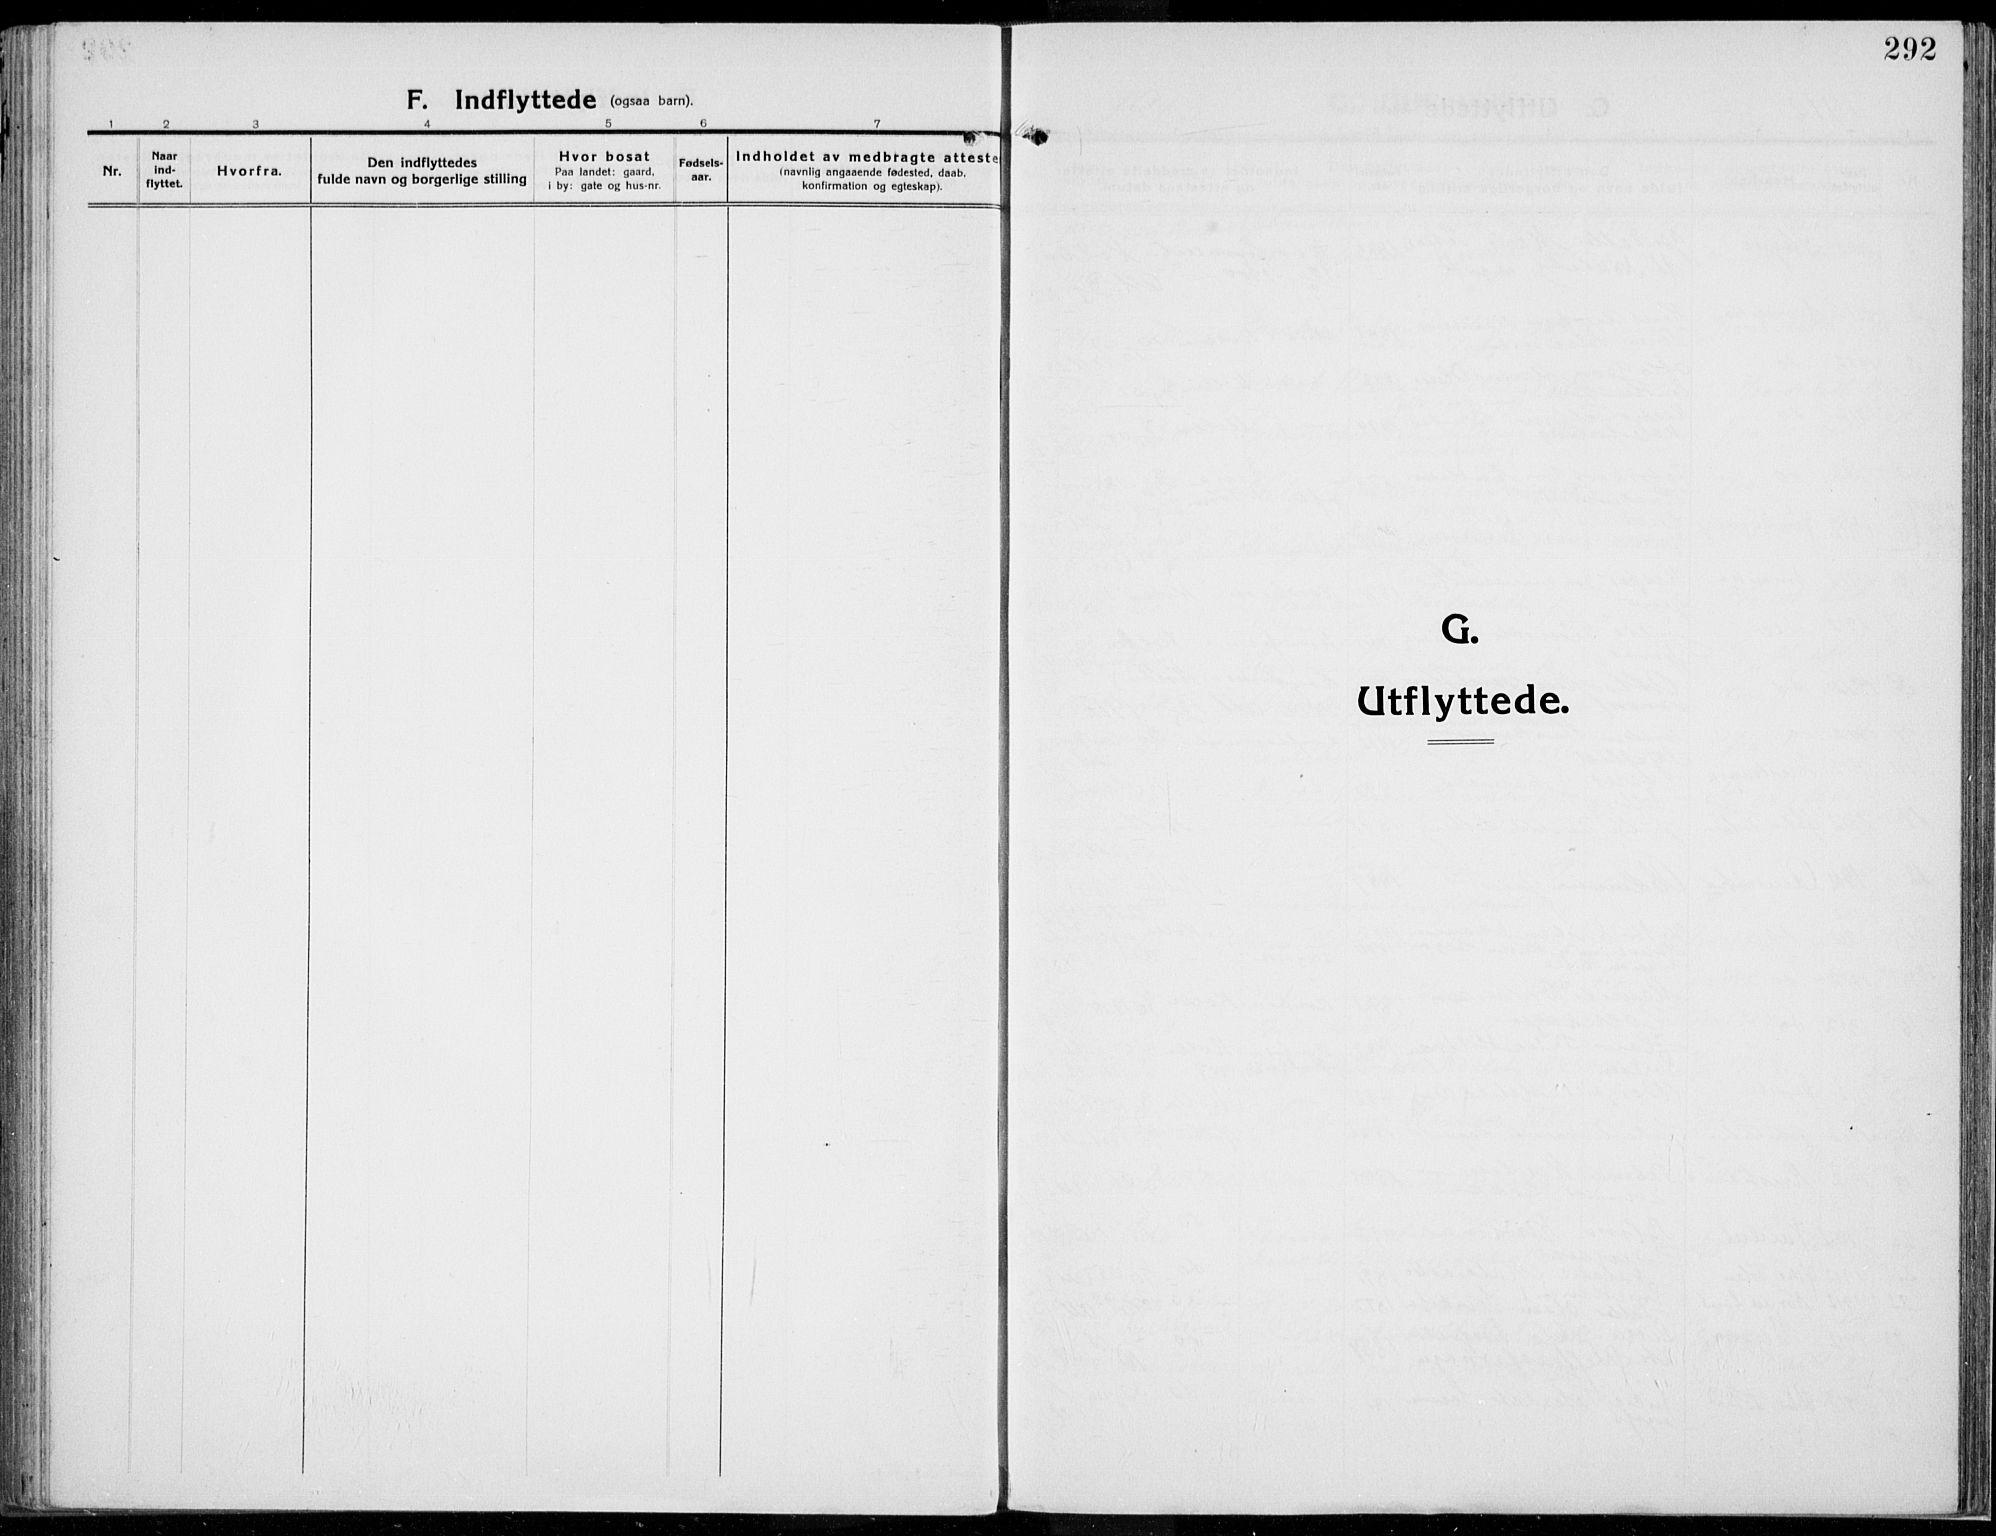 SAH, Kolbu prestekontor, Ministerialbok nr. 2, 1912-1926, s. 292